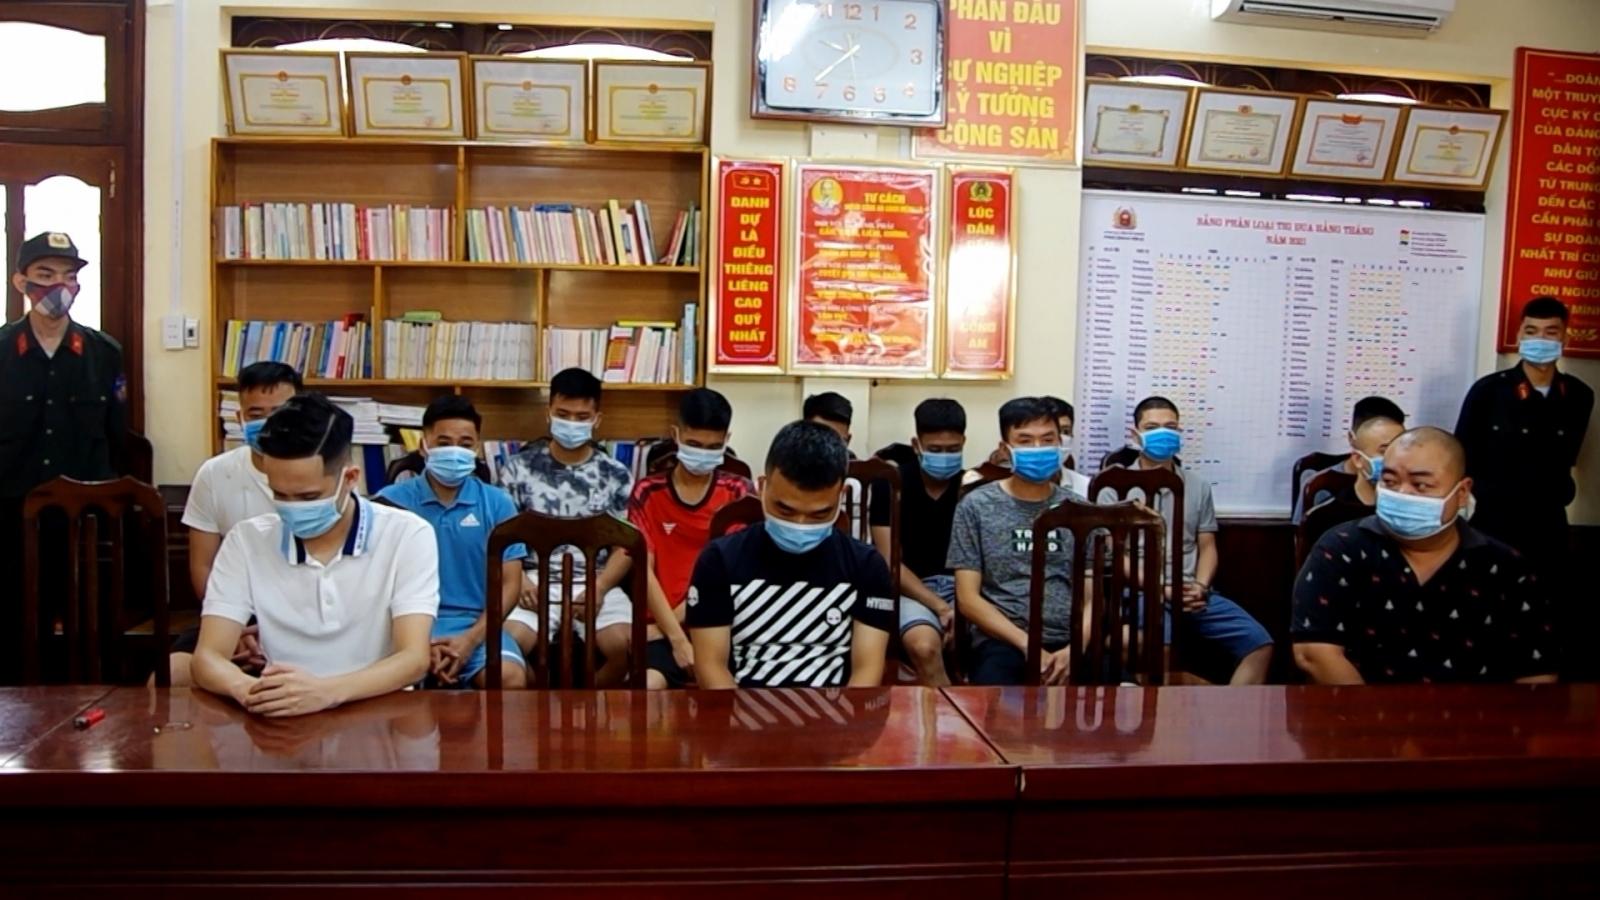 Triệt phá đường dây cá độ bóng đá giao dịch trên 200 tỉ đồng tại Hà Giang